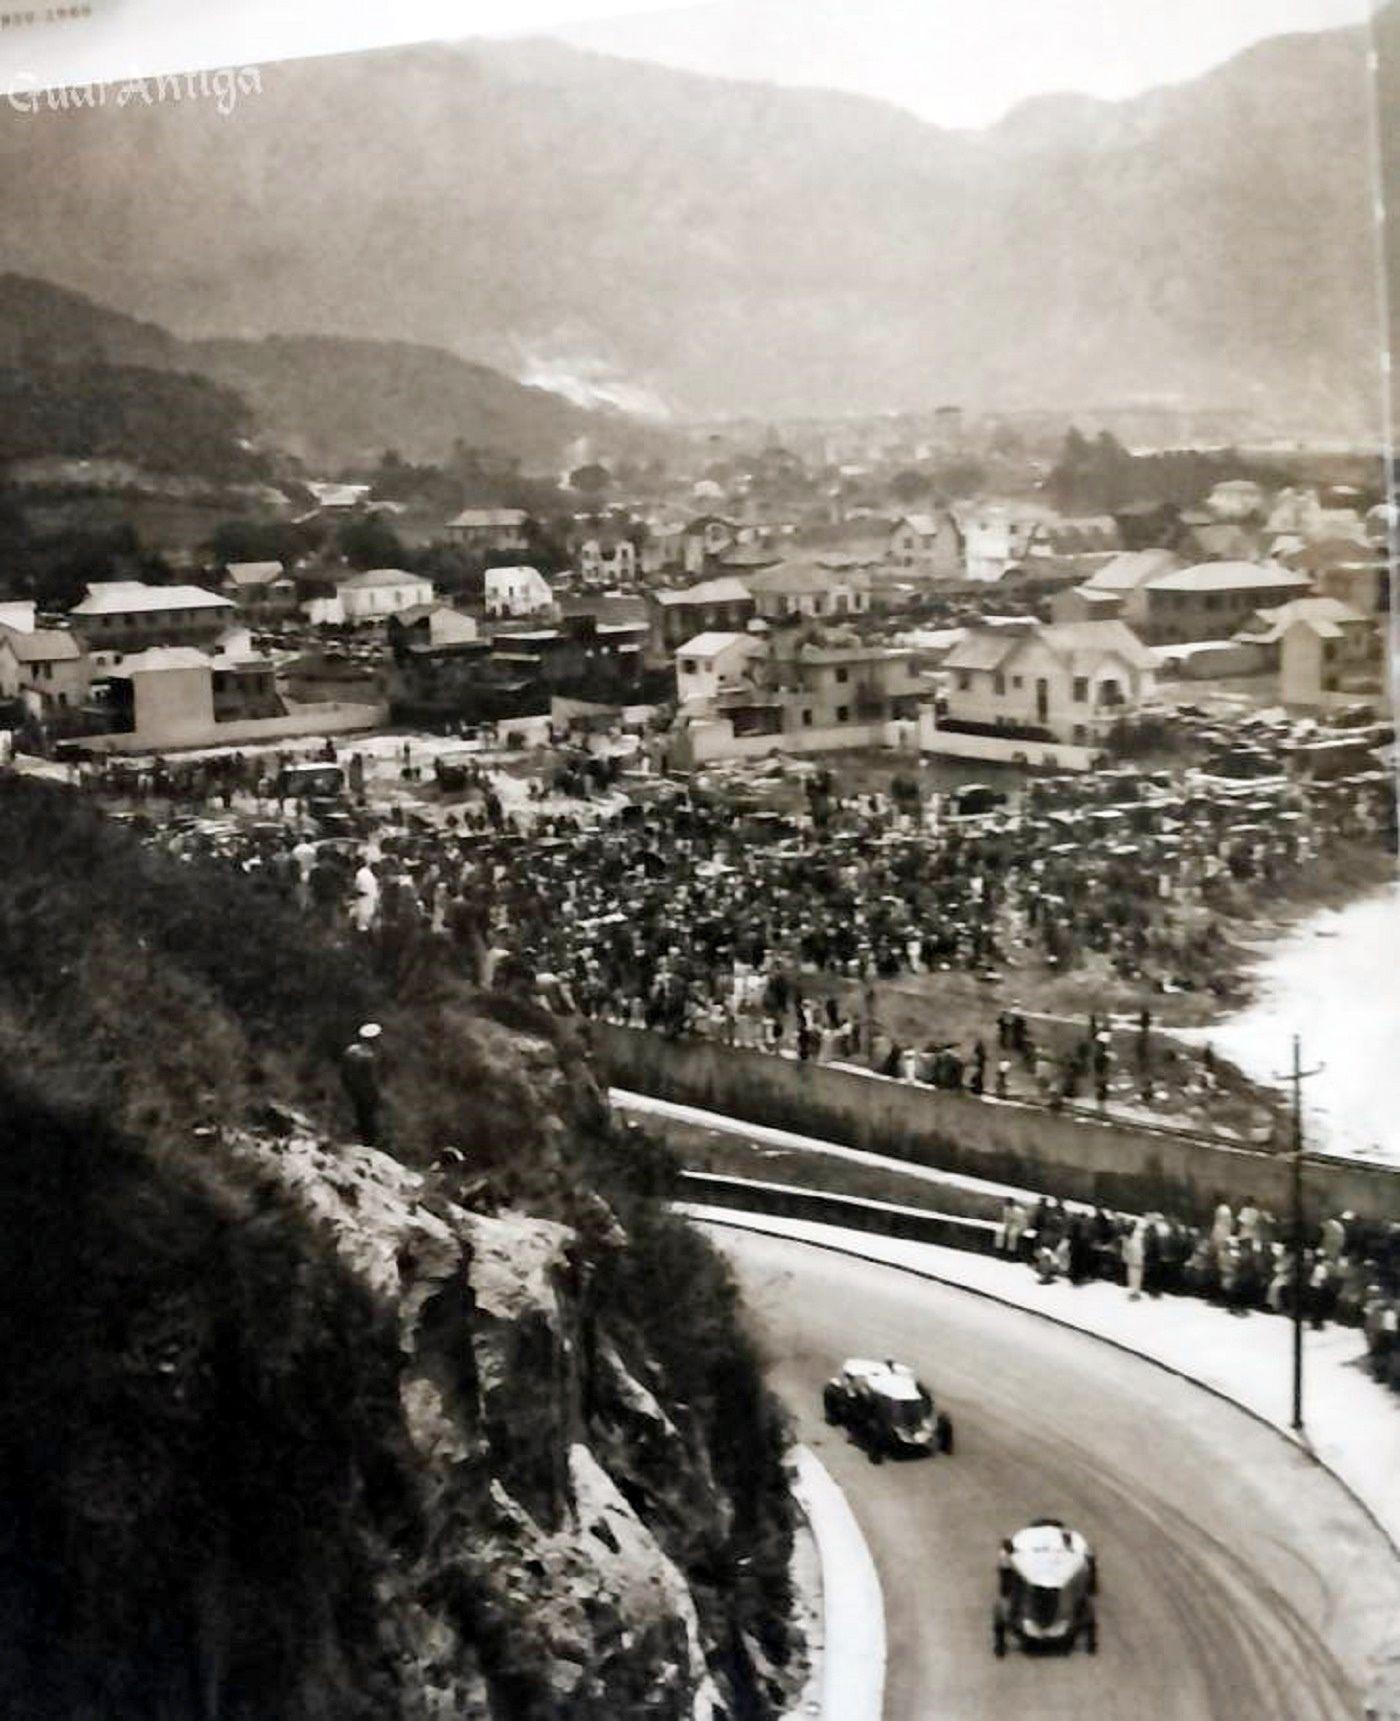 Corrida de automóveis na avenida Niemeyer. 1935.  https://www.facebook.com/Guarantiga?fref=ts